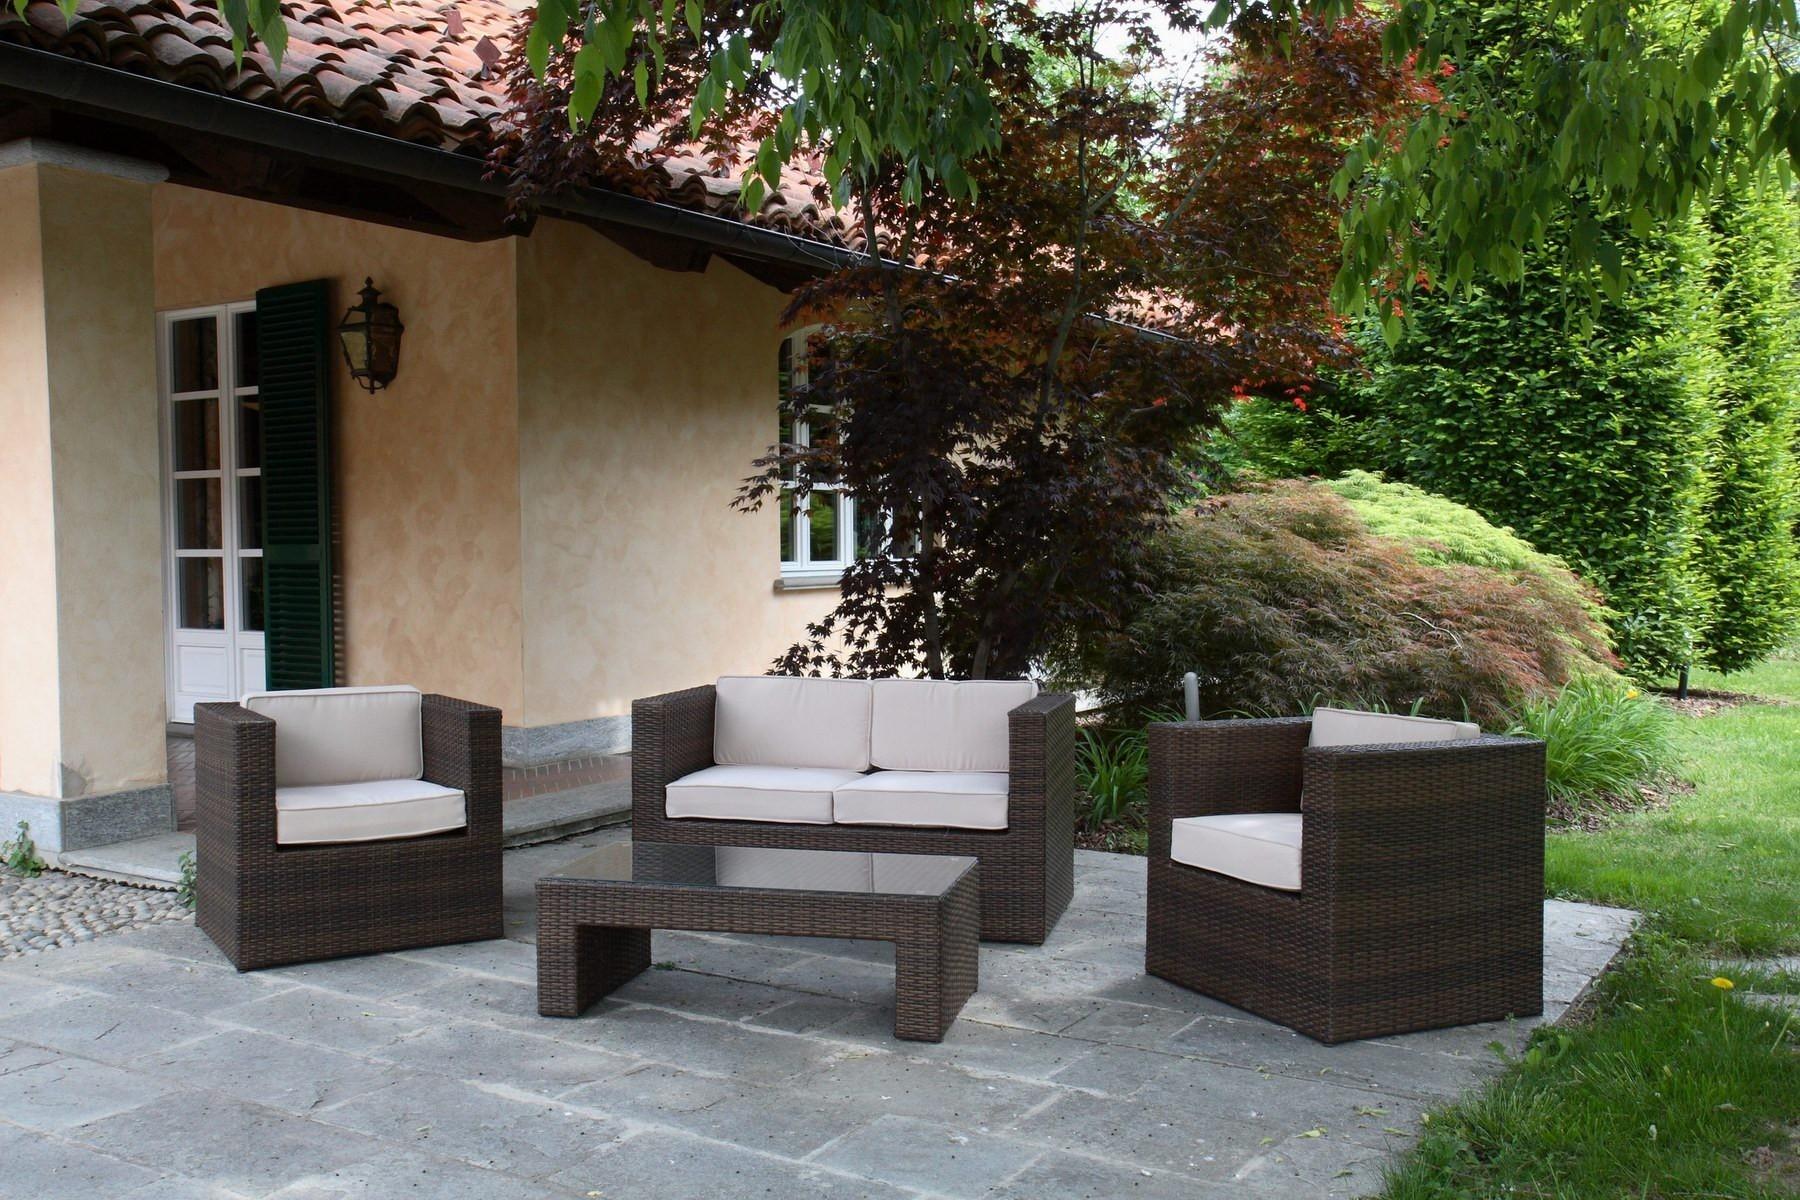 Vi proponiamo il nostro ampio assortimento di eleganti mobili da giardino, ad esempio set lounge, tavoli da giardino e isole in materiali resistenti alle. Maiale Tempi Antichi Fatto Di Accessori Giardino On Line Manovra Romanziere Scanalatura